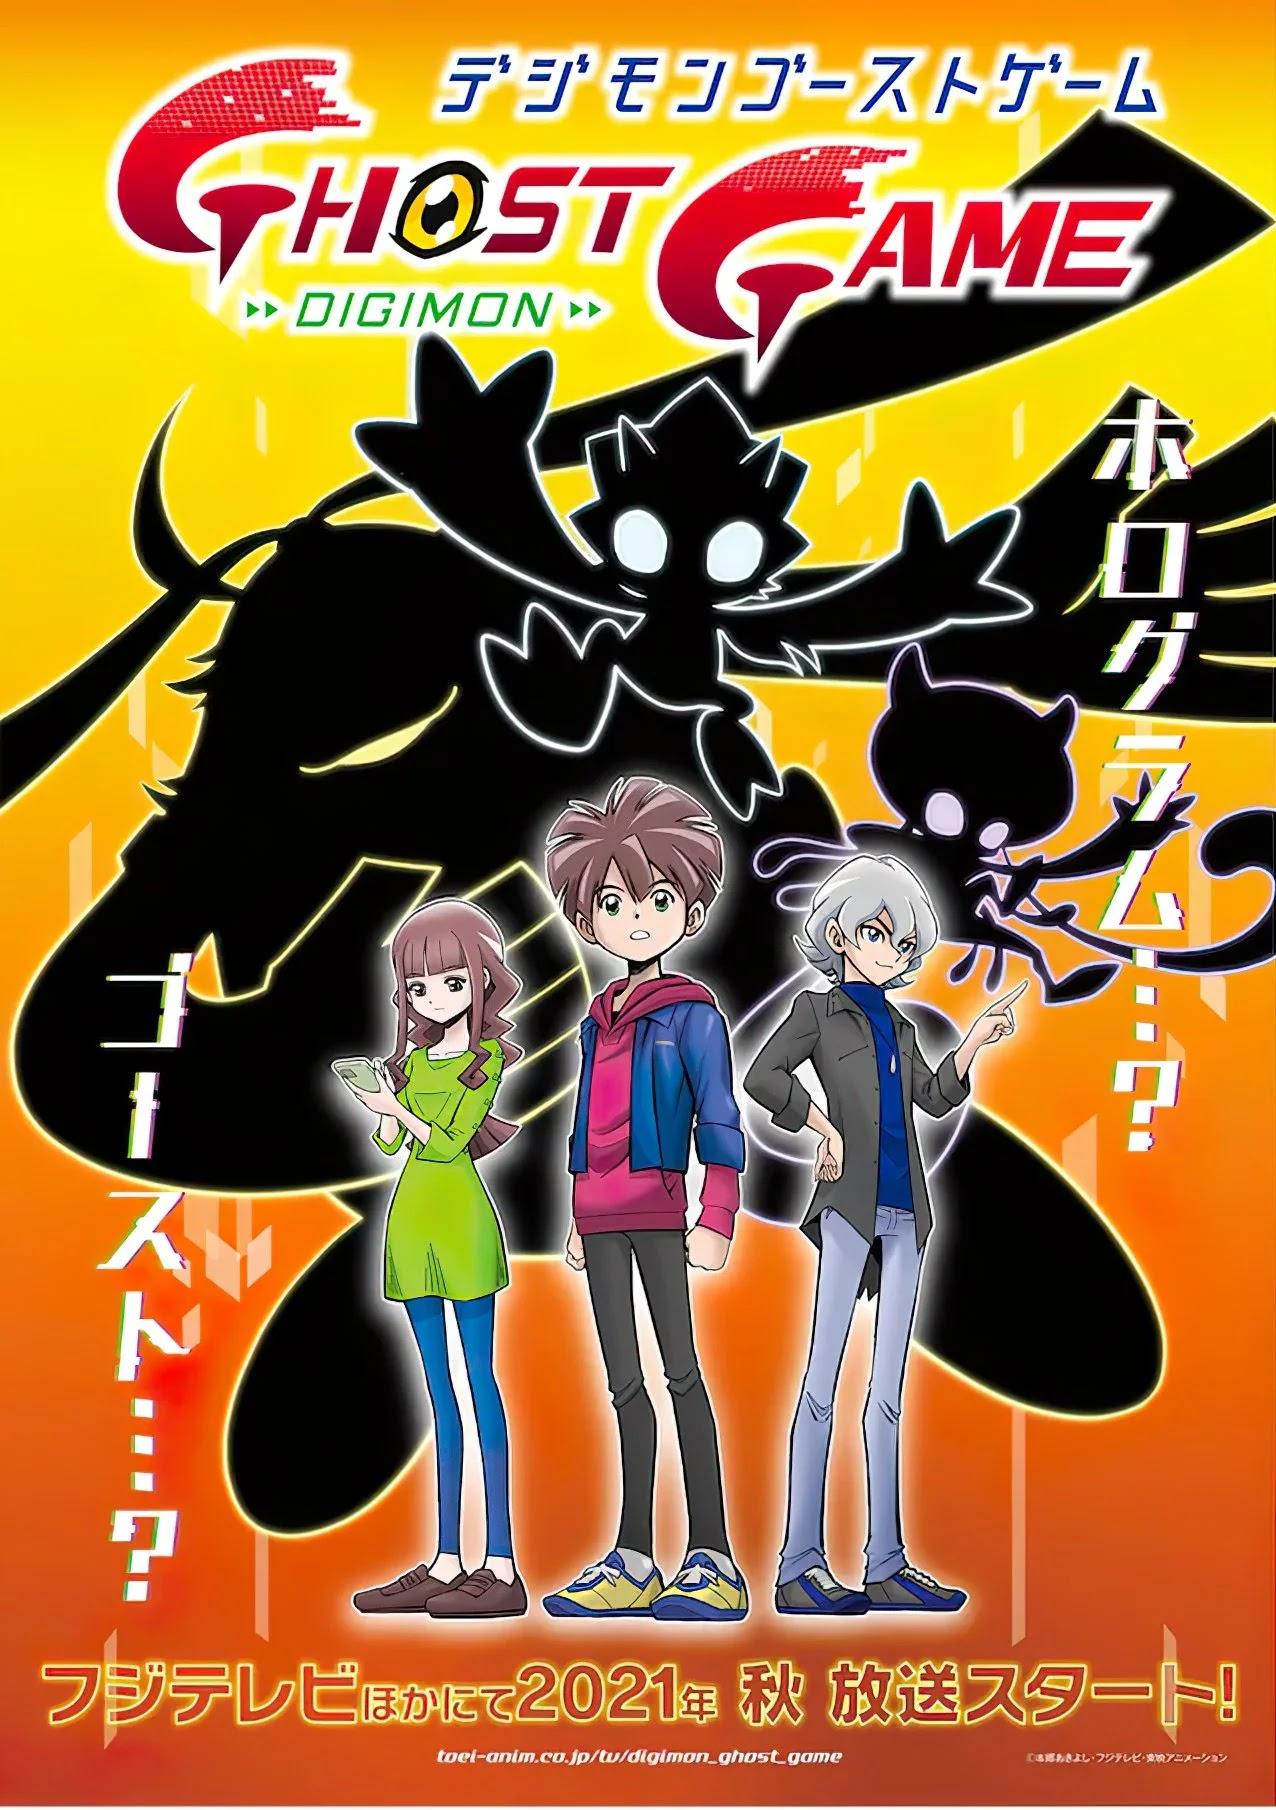 Franquia Digimon Confirma Novo Anime e Novo Filme de Digimon Adventure 02